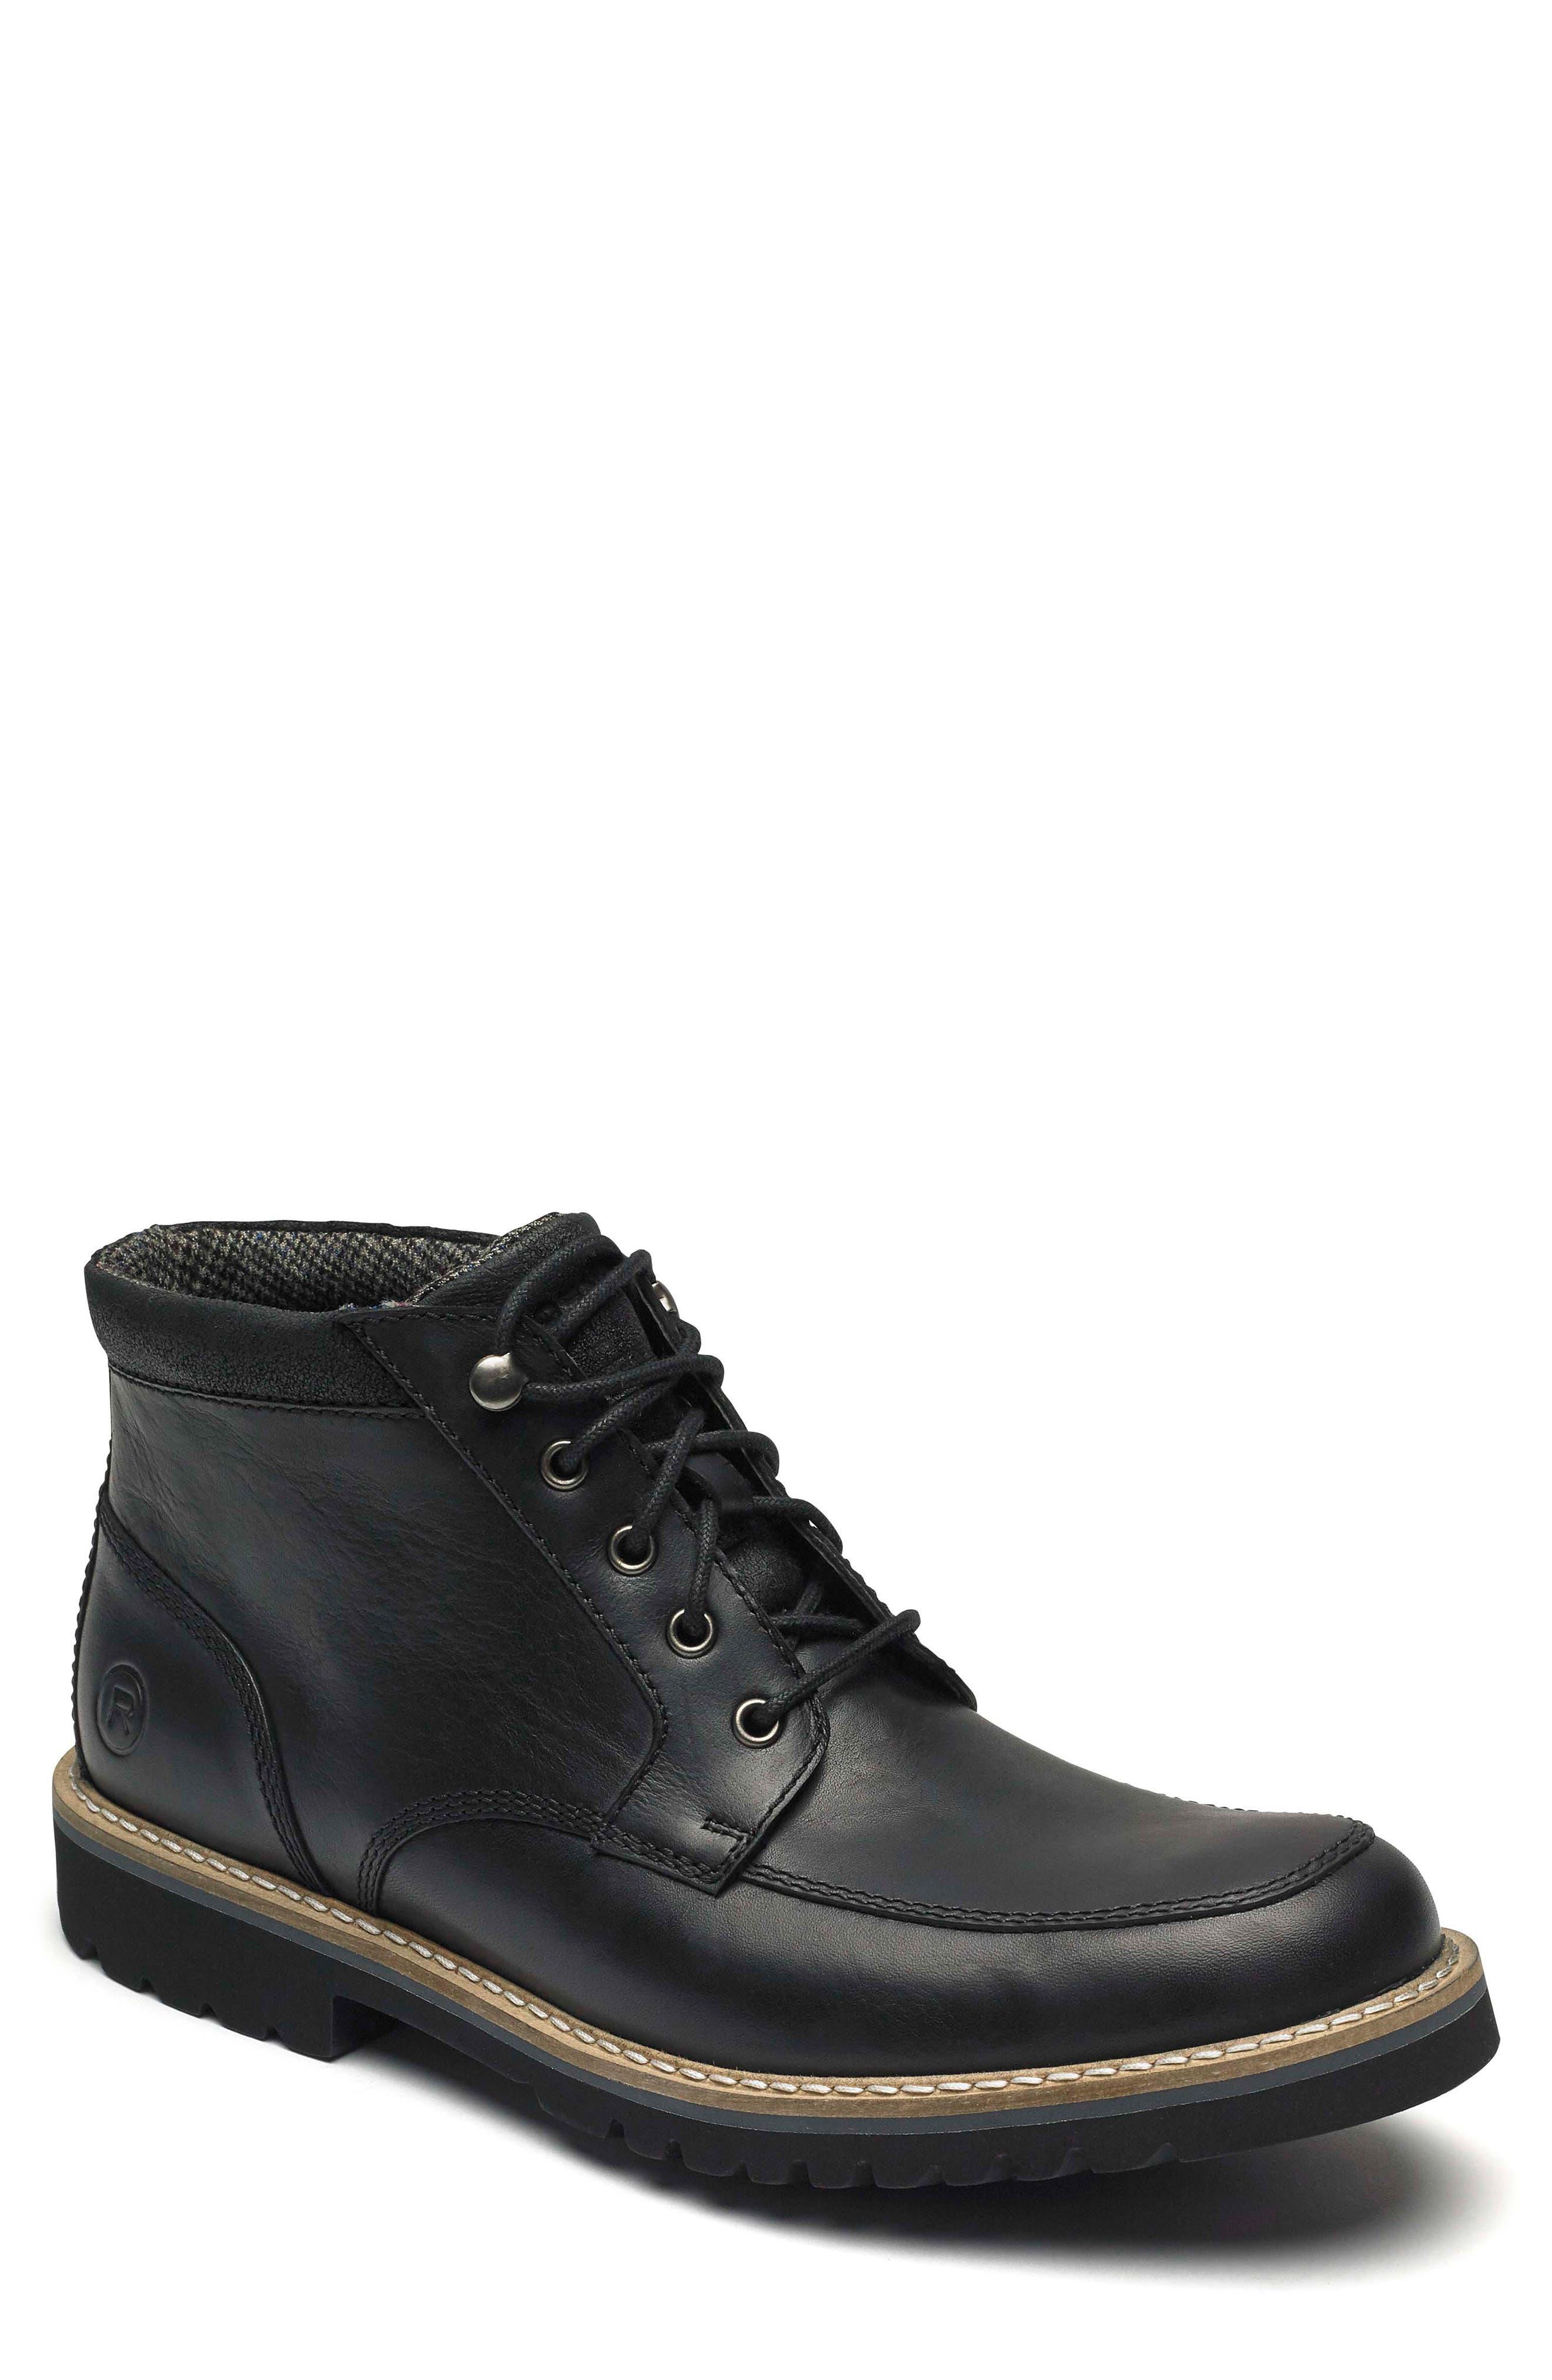 Rockport Marshall Moc Toe Boot- Black